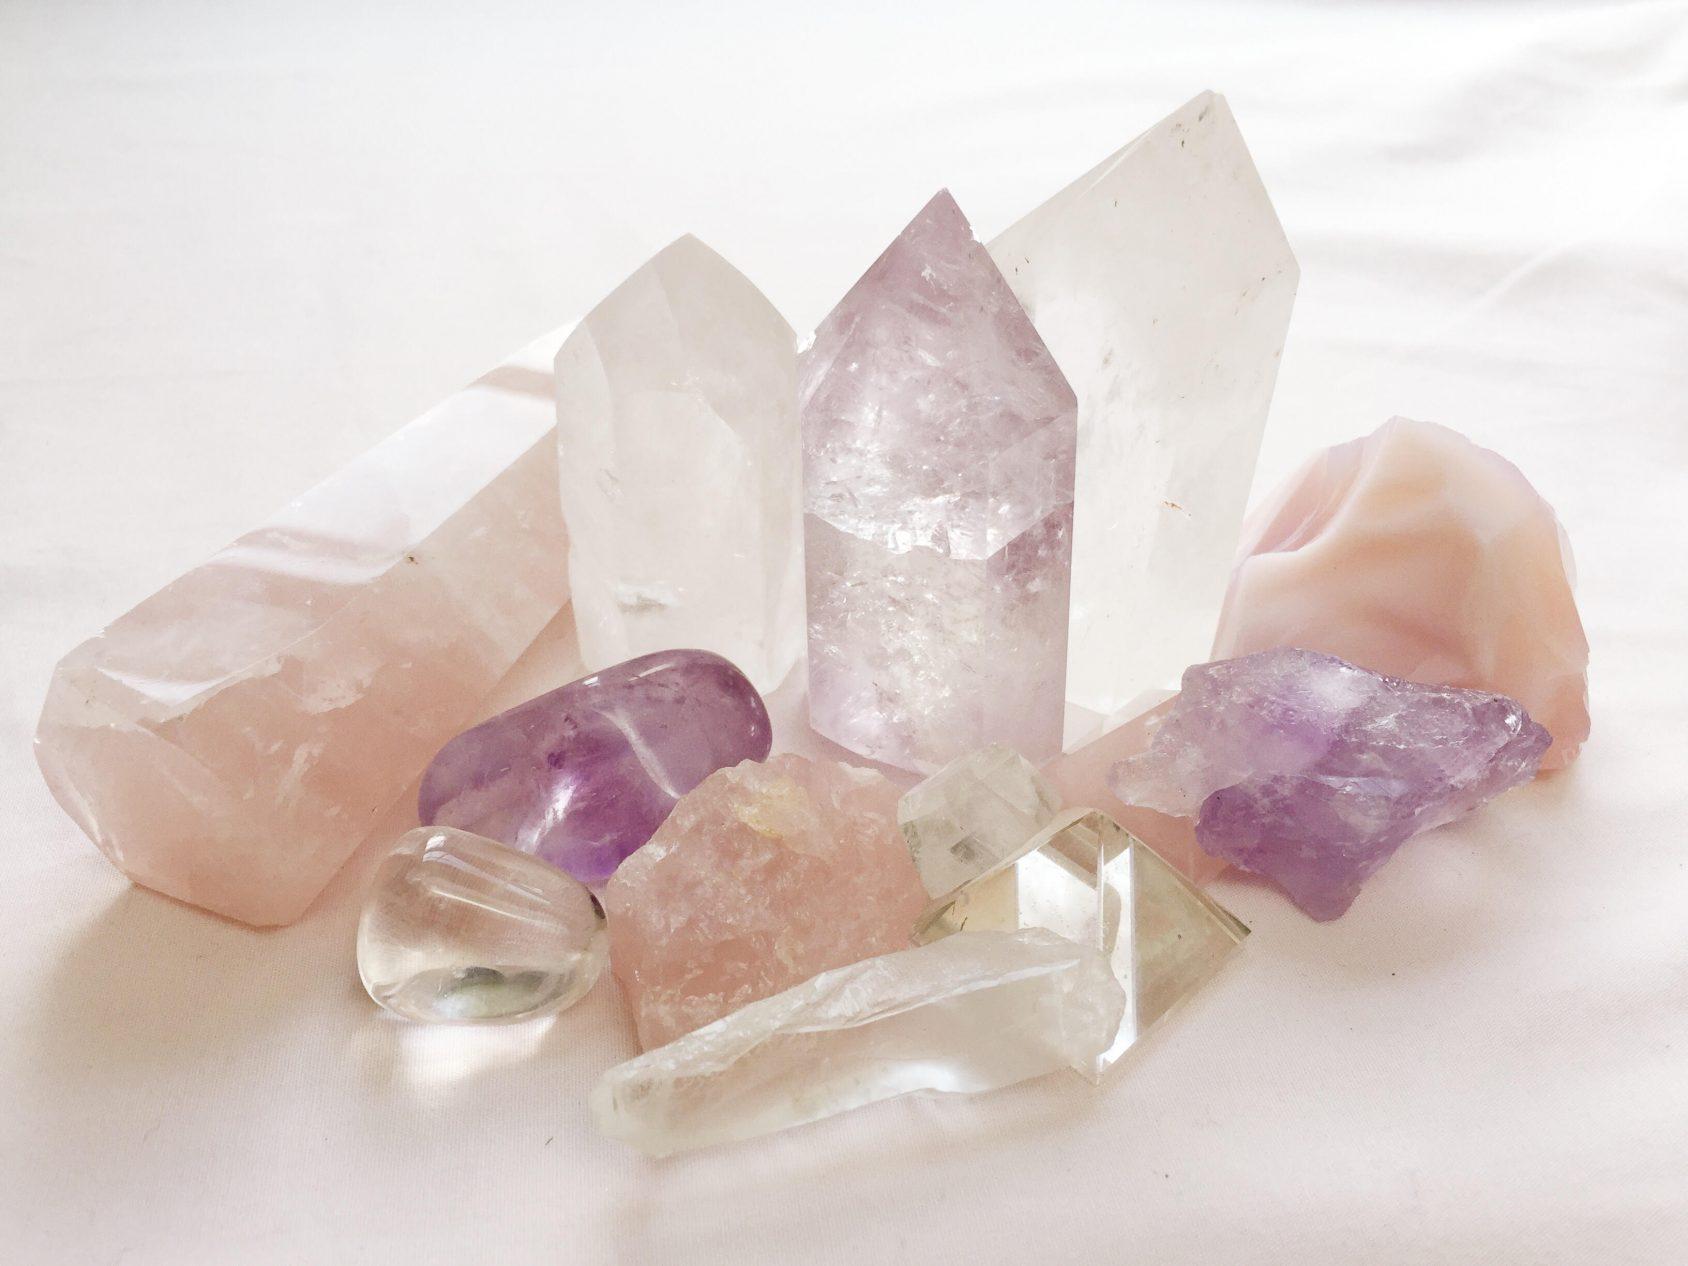 kristálygyógyászat, gyógyító kristályok, kristályterápia